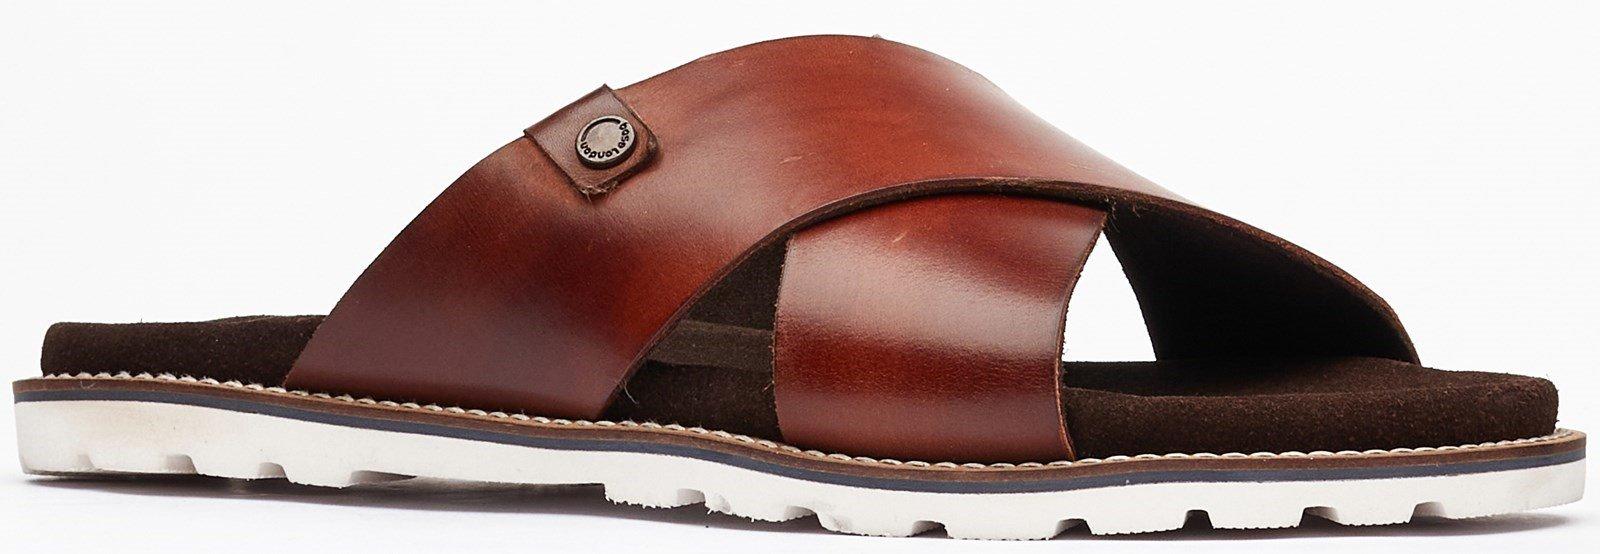 Base London Men's Gobi Slip On Sandal Various Colours 32497 - Brown 7